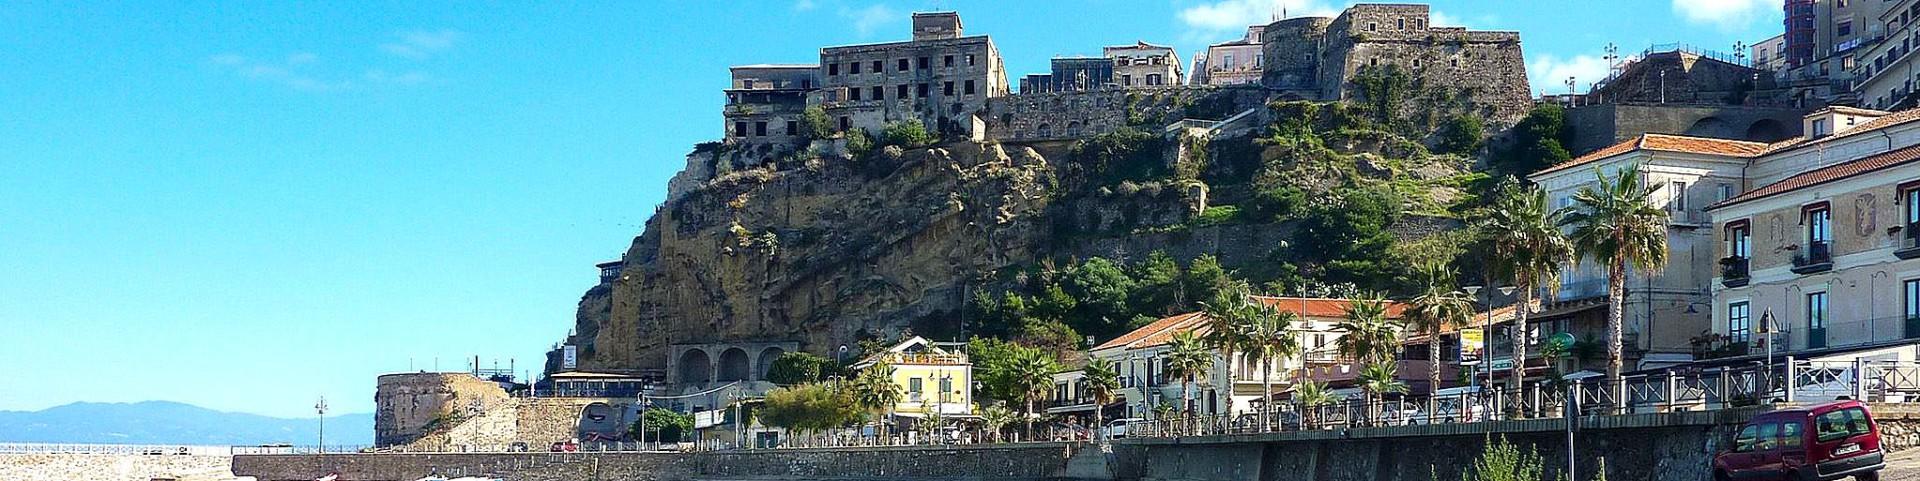 Pizzo Calabro, historická část nad mořem u přístavu